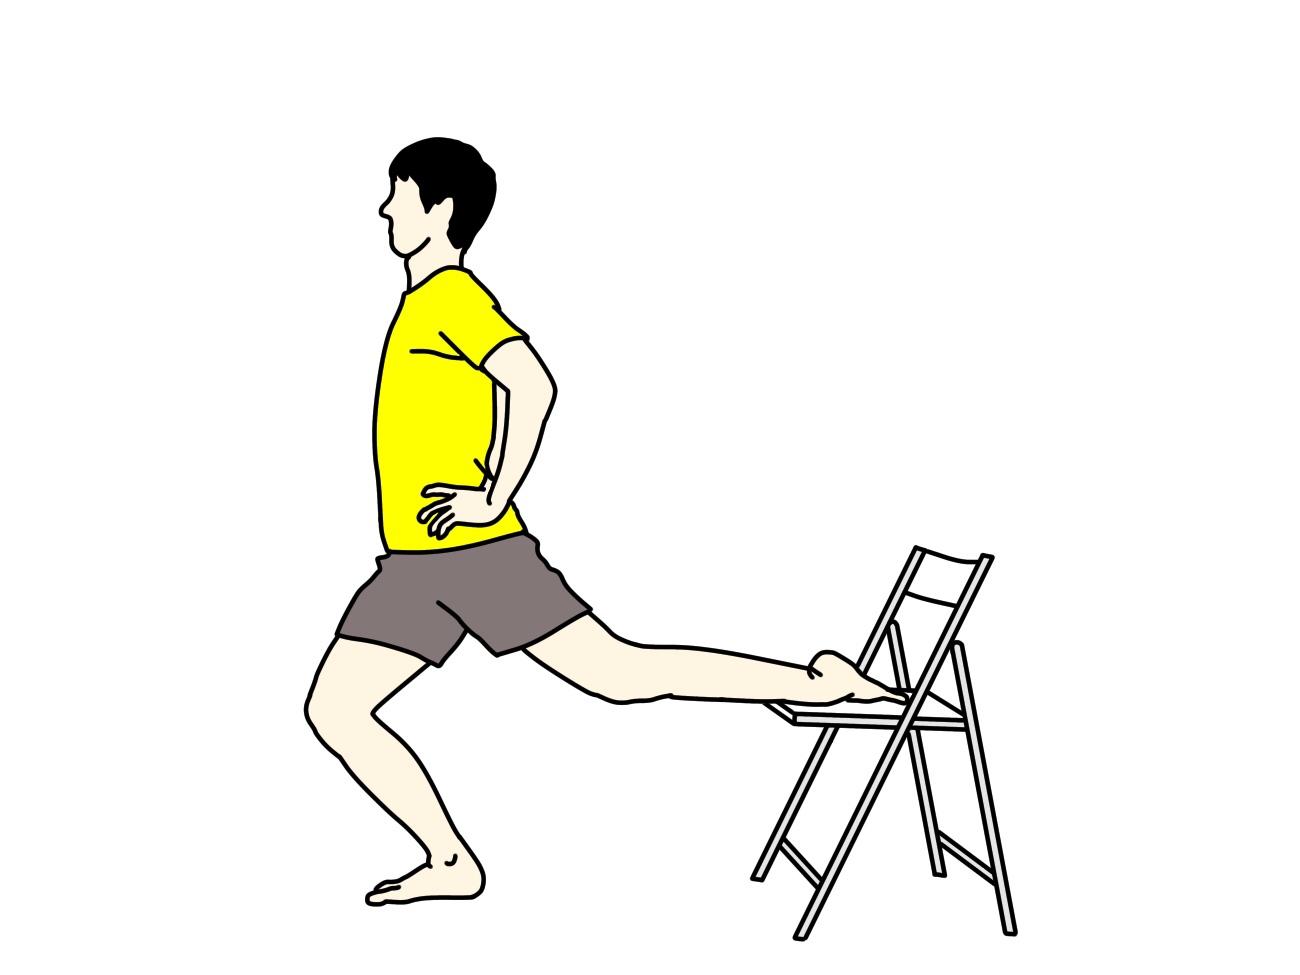 椅子を使って行う骨盤前〜もも前(腸腰筋・大腿直筋)のストレッチ